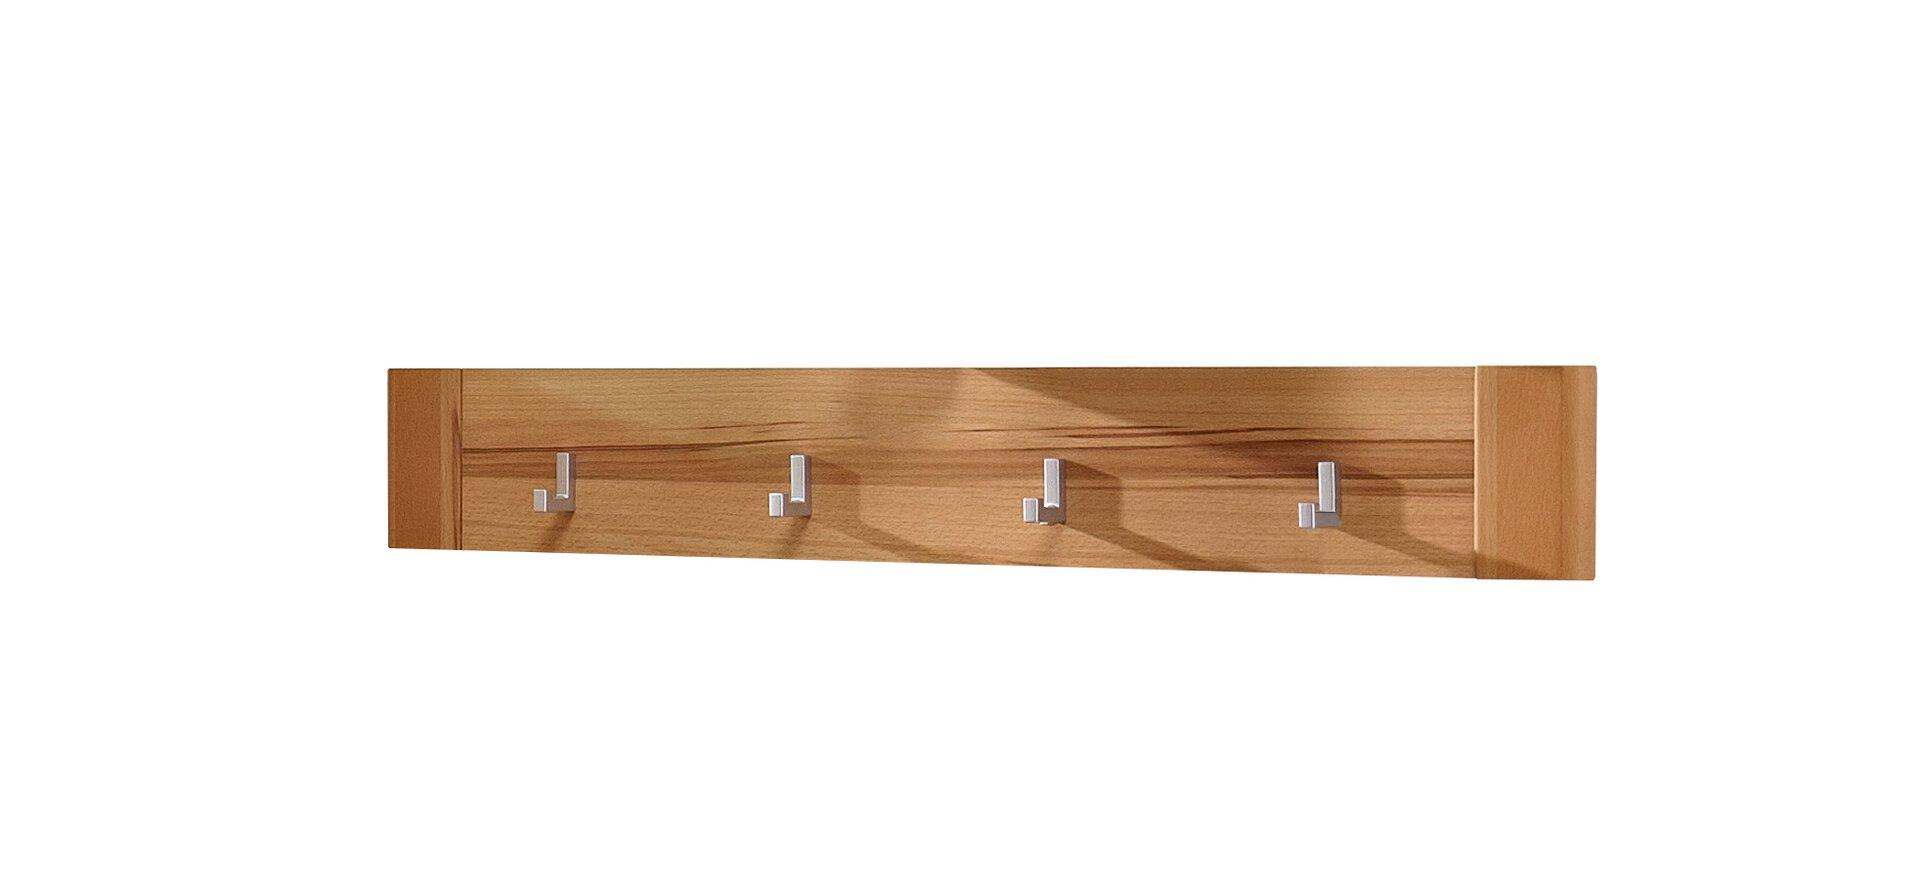 Garderobenpaneel NATURE PLUS inDoor Holz 4 x 14 x 90 cm